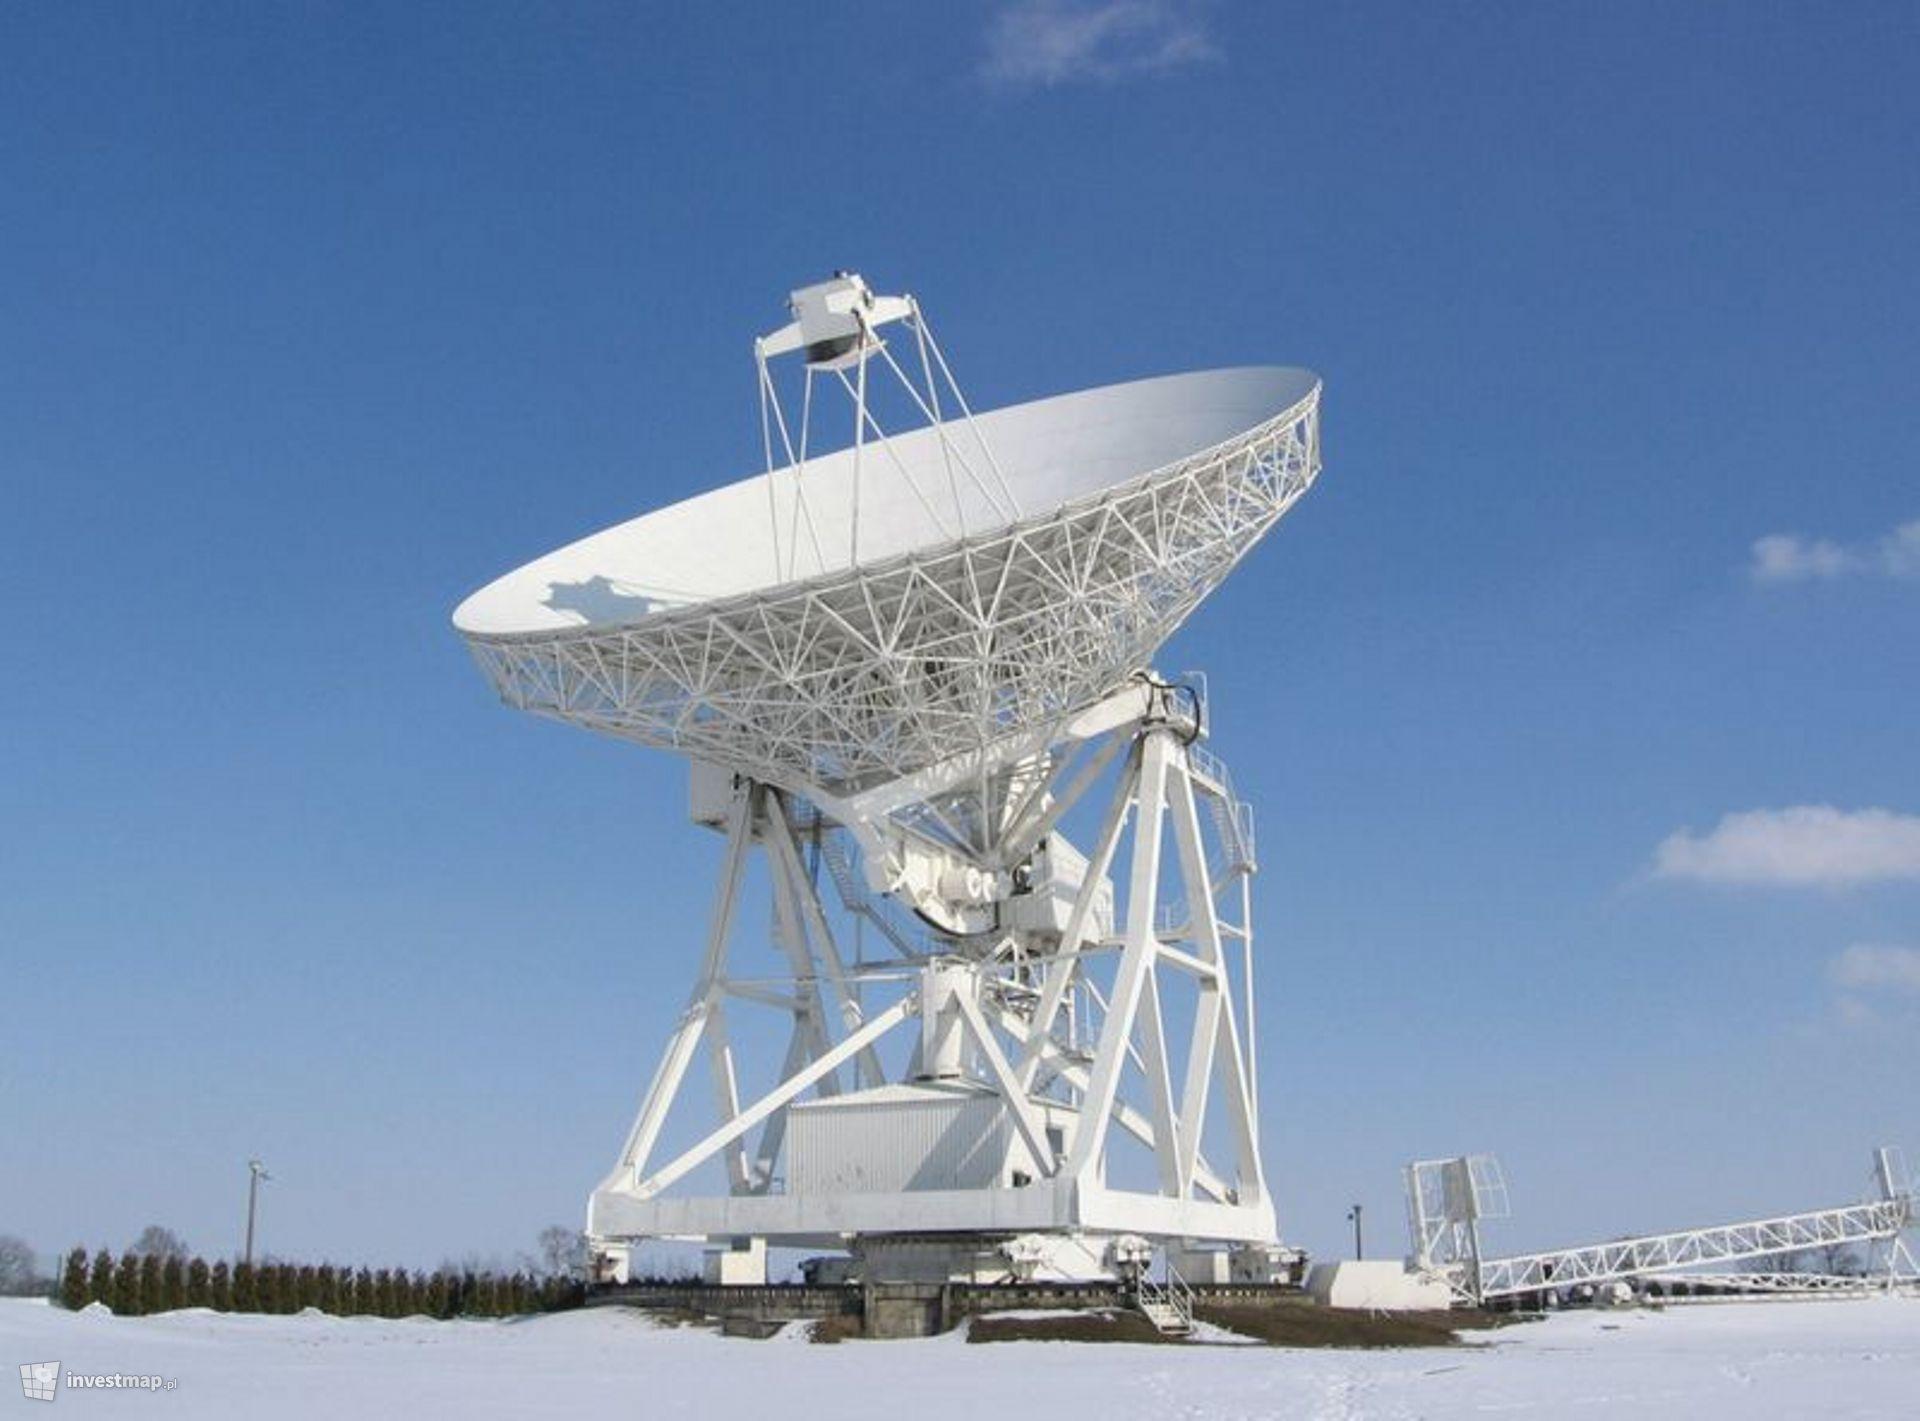 Krajowe Centrum Inżynierii Kosmicznej (radioteleskop Hevelius)